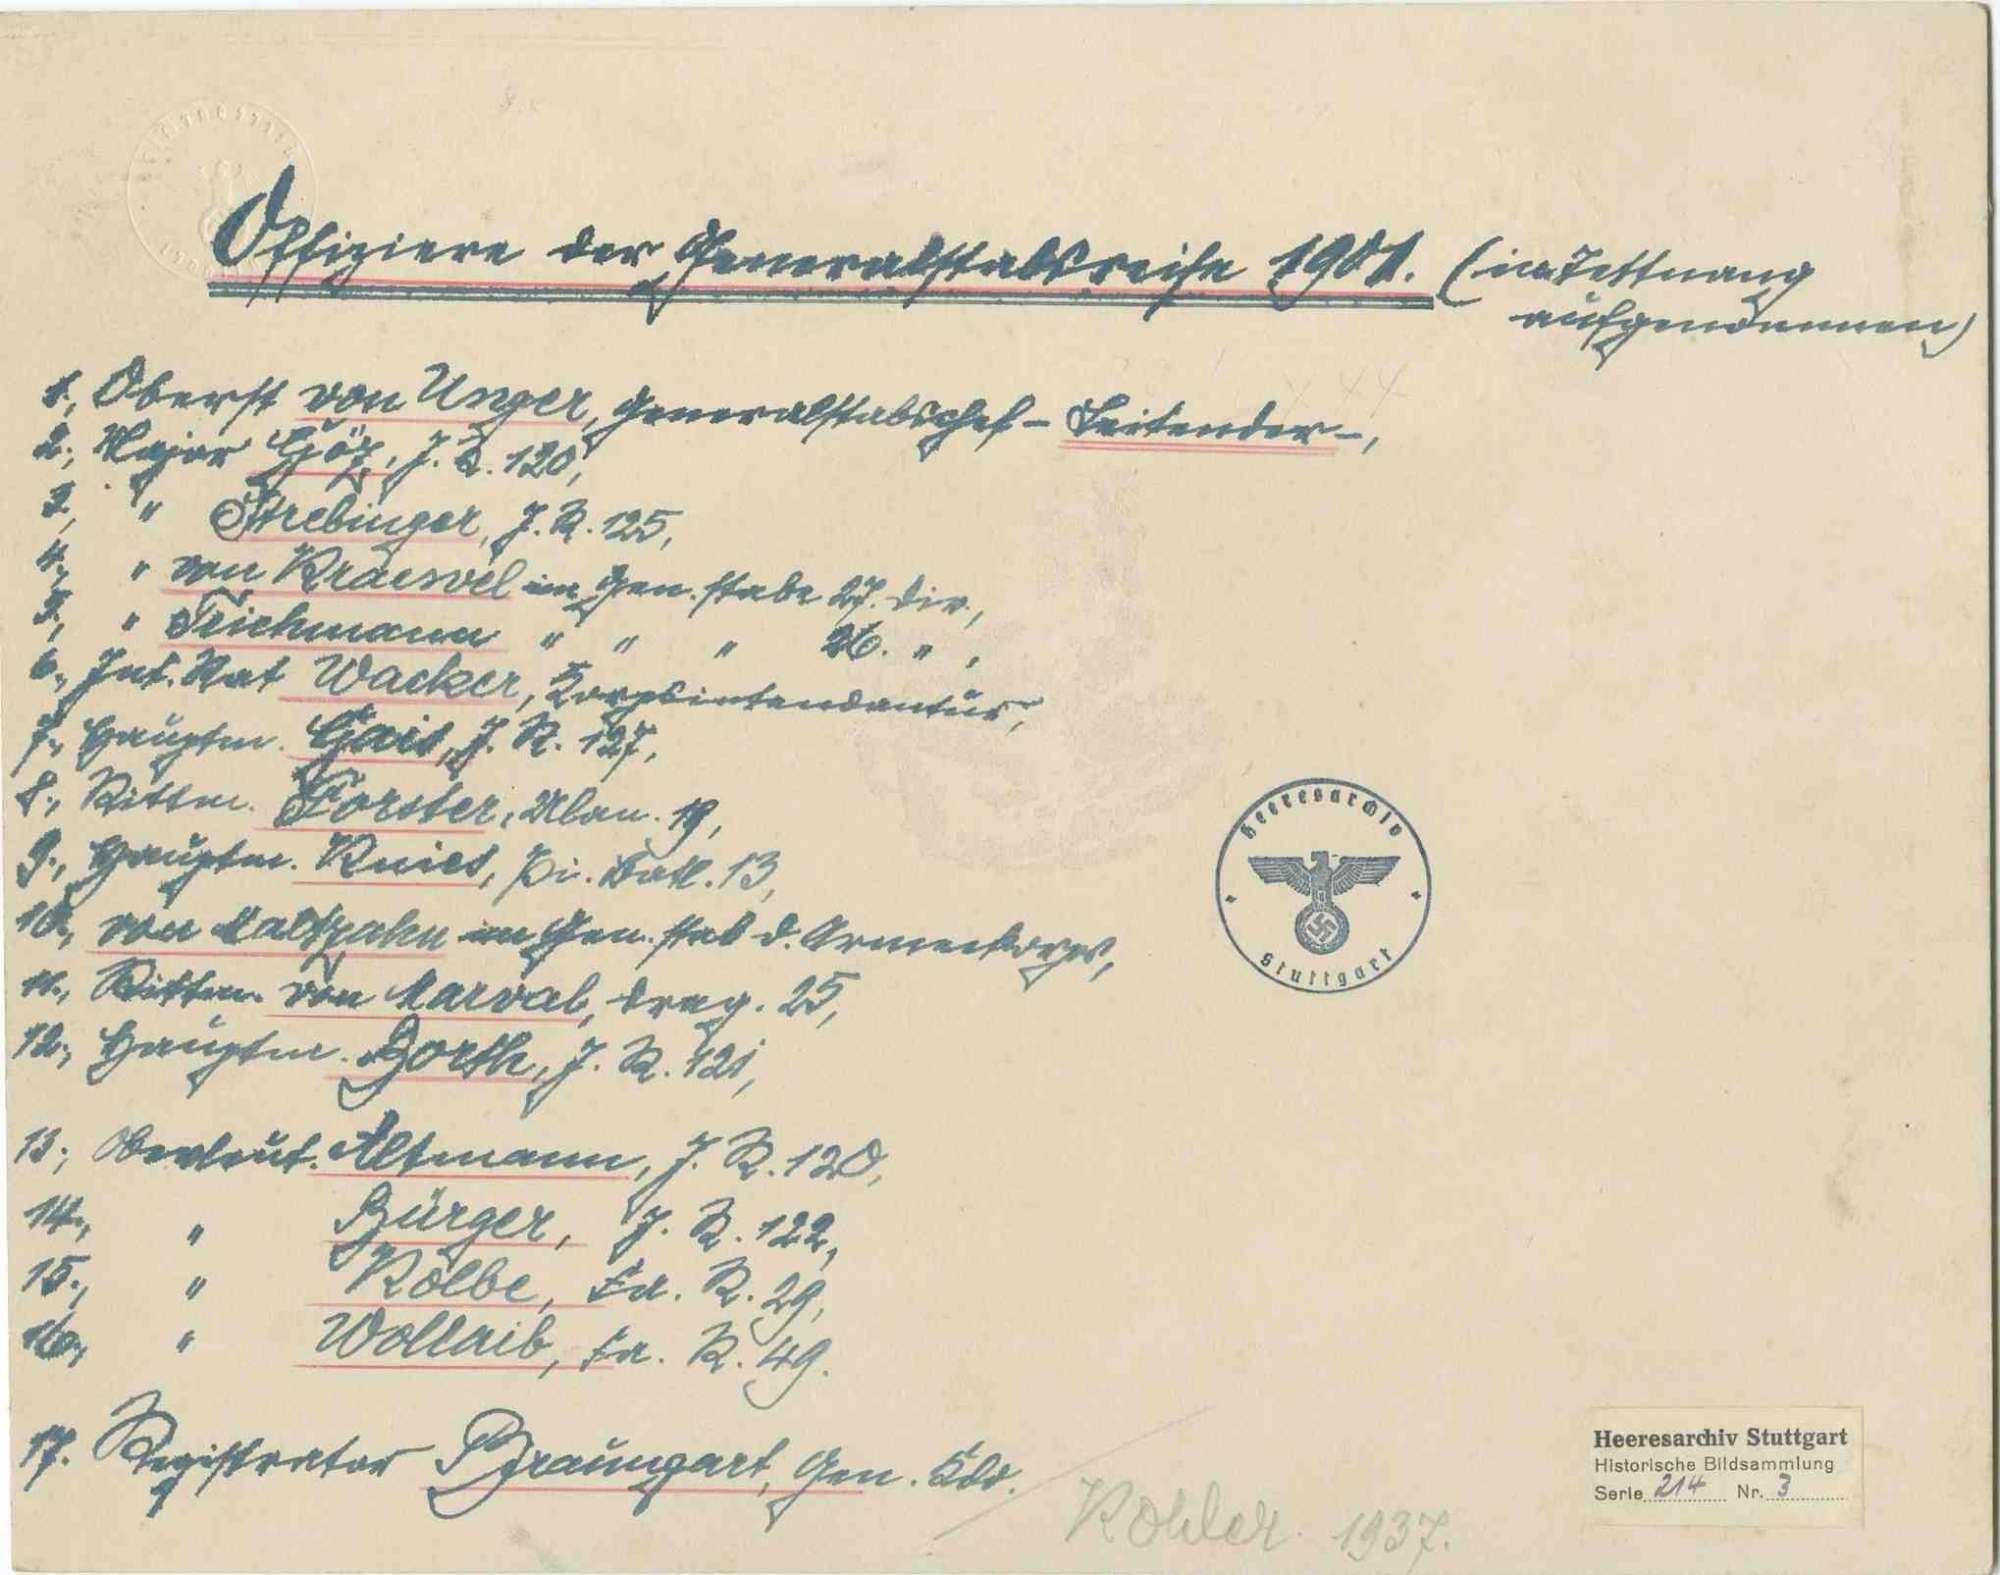 Generalstabsreise 1901 in Tettnang, Offiziere aus verschiedenen Einheiten, teils stehend, teils sitzend, in Uniform, teilweise mit Mütze, Bilder vorwiegend in Halbprofil, 1v